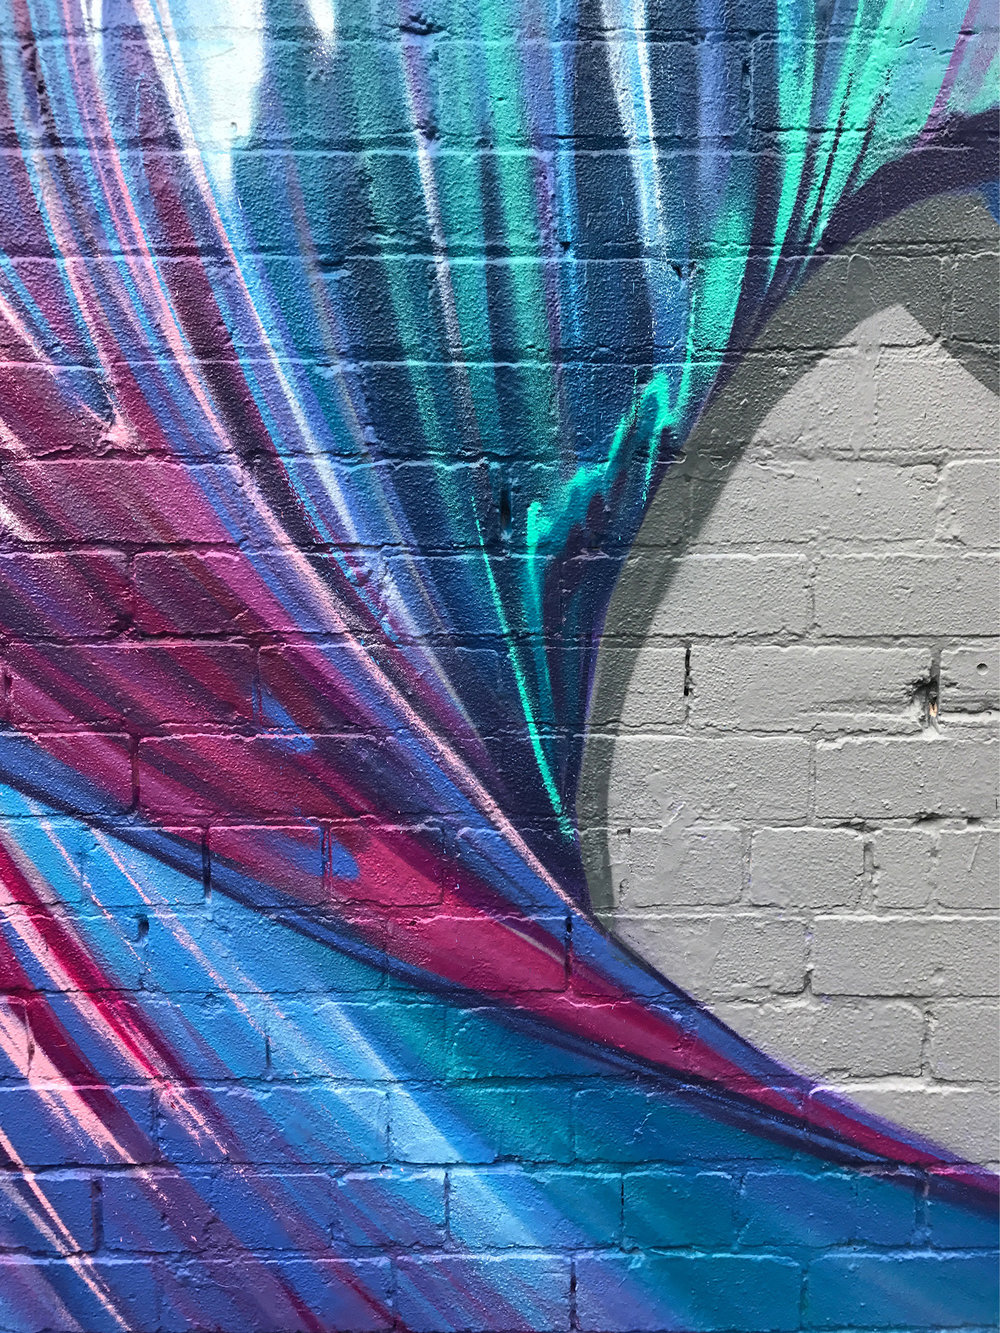 Detail of mural